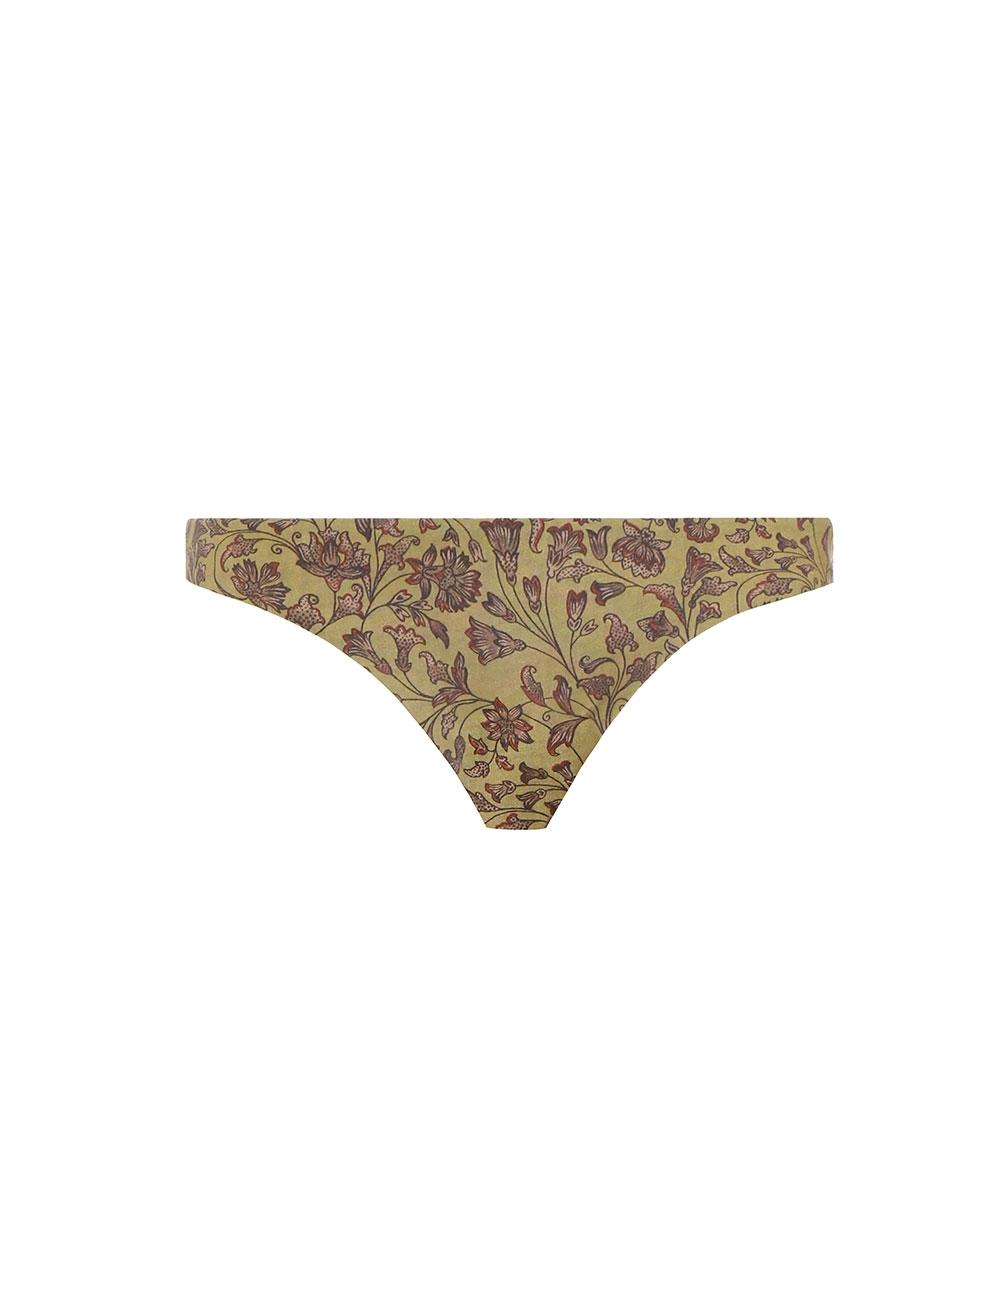 Juniper Skinny Pant